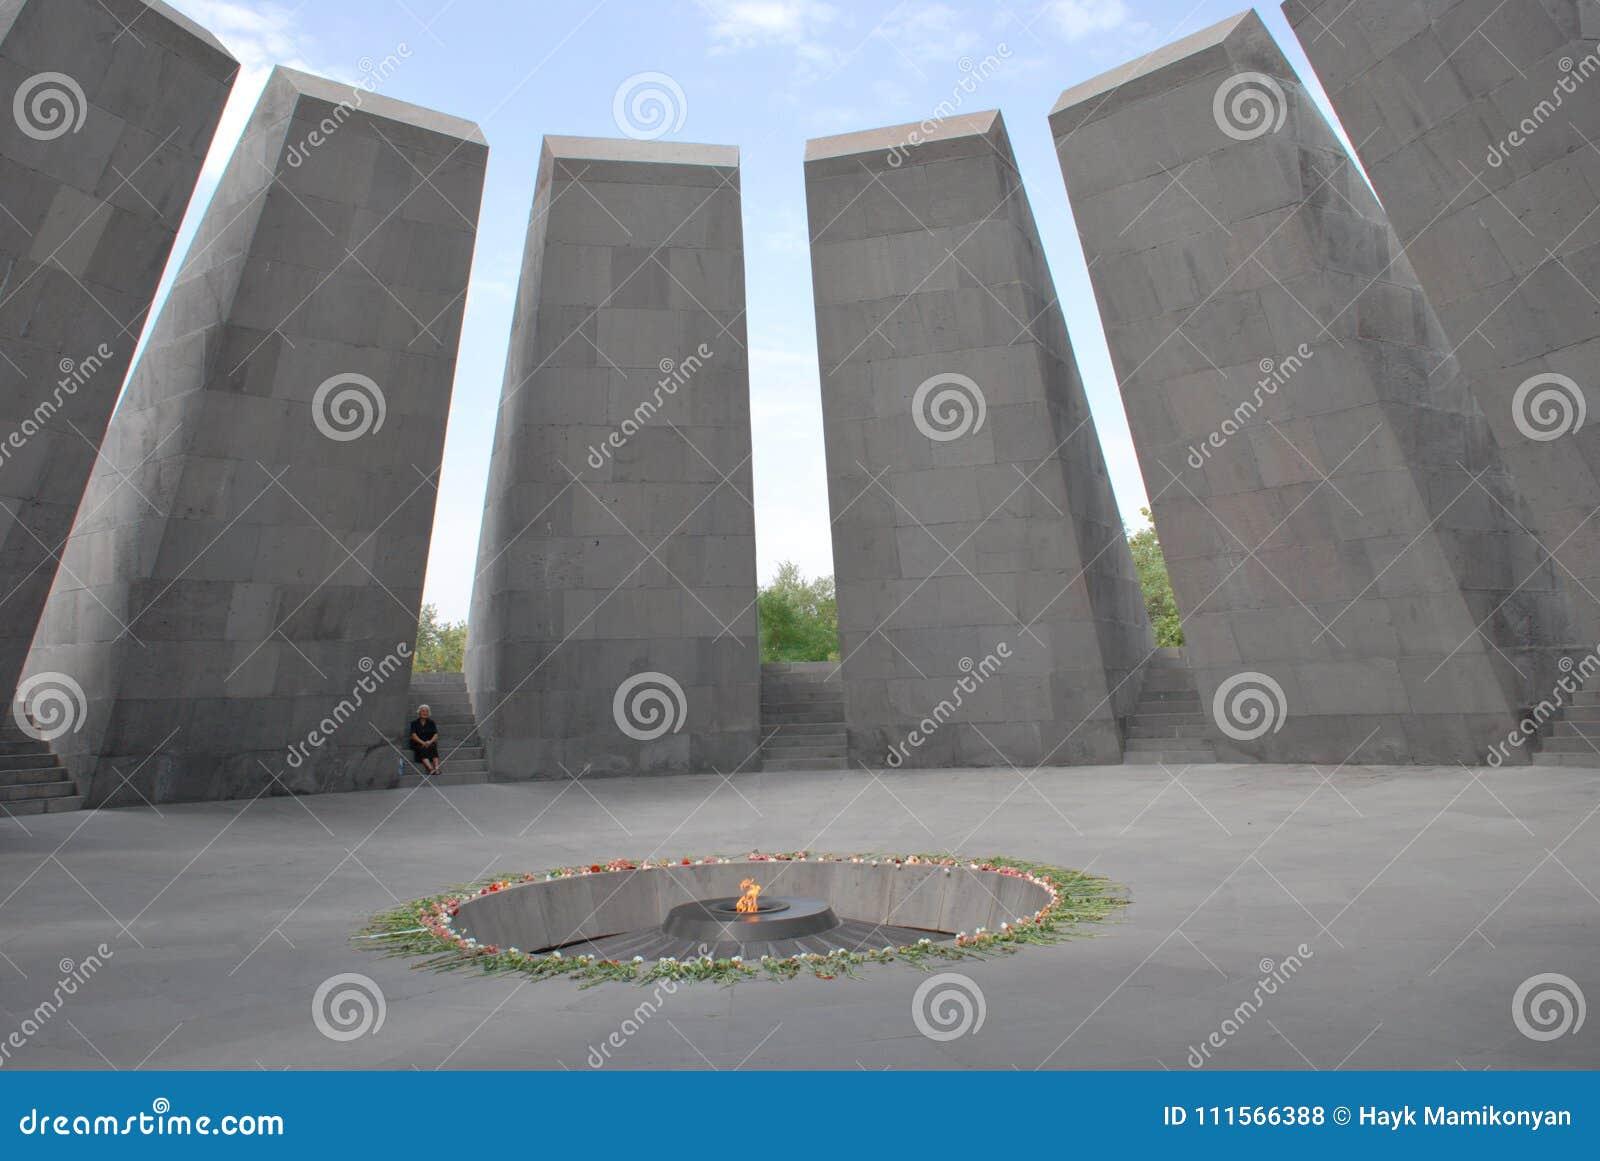 Αρμενικός αναμνηστικός ο σύνθετος γενοκτονίας στο λόφο Tsitsernakaberd σε Jerevan, Αρμενία